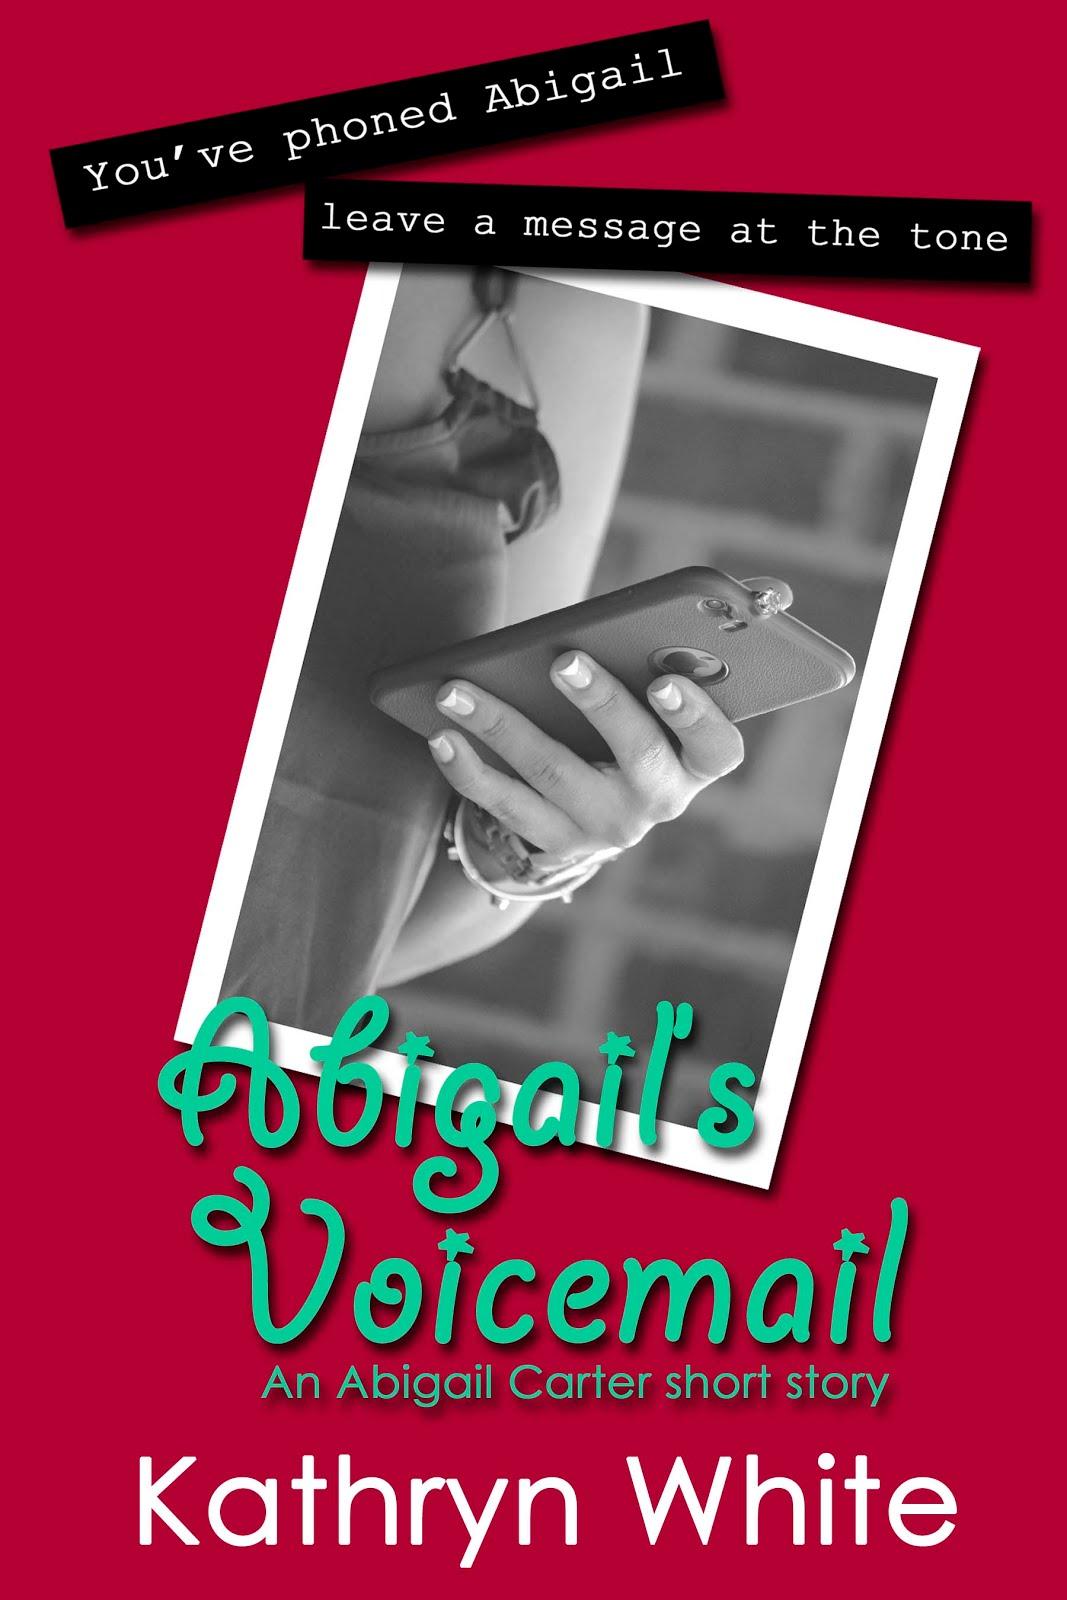 Abigail's Voicemail